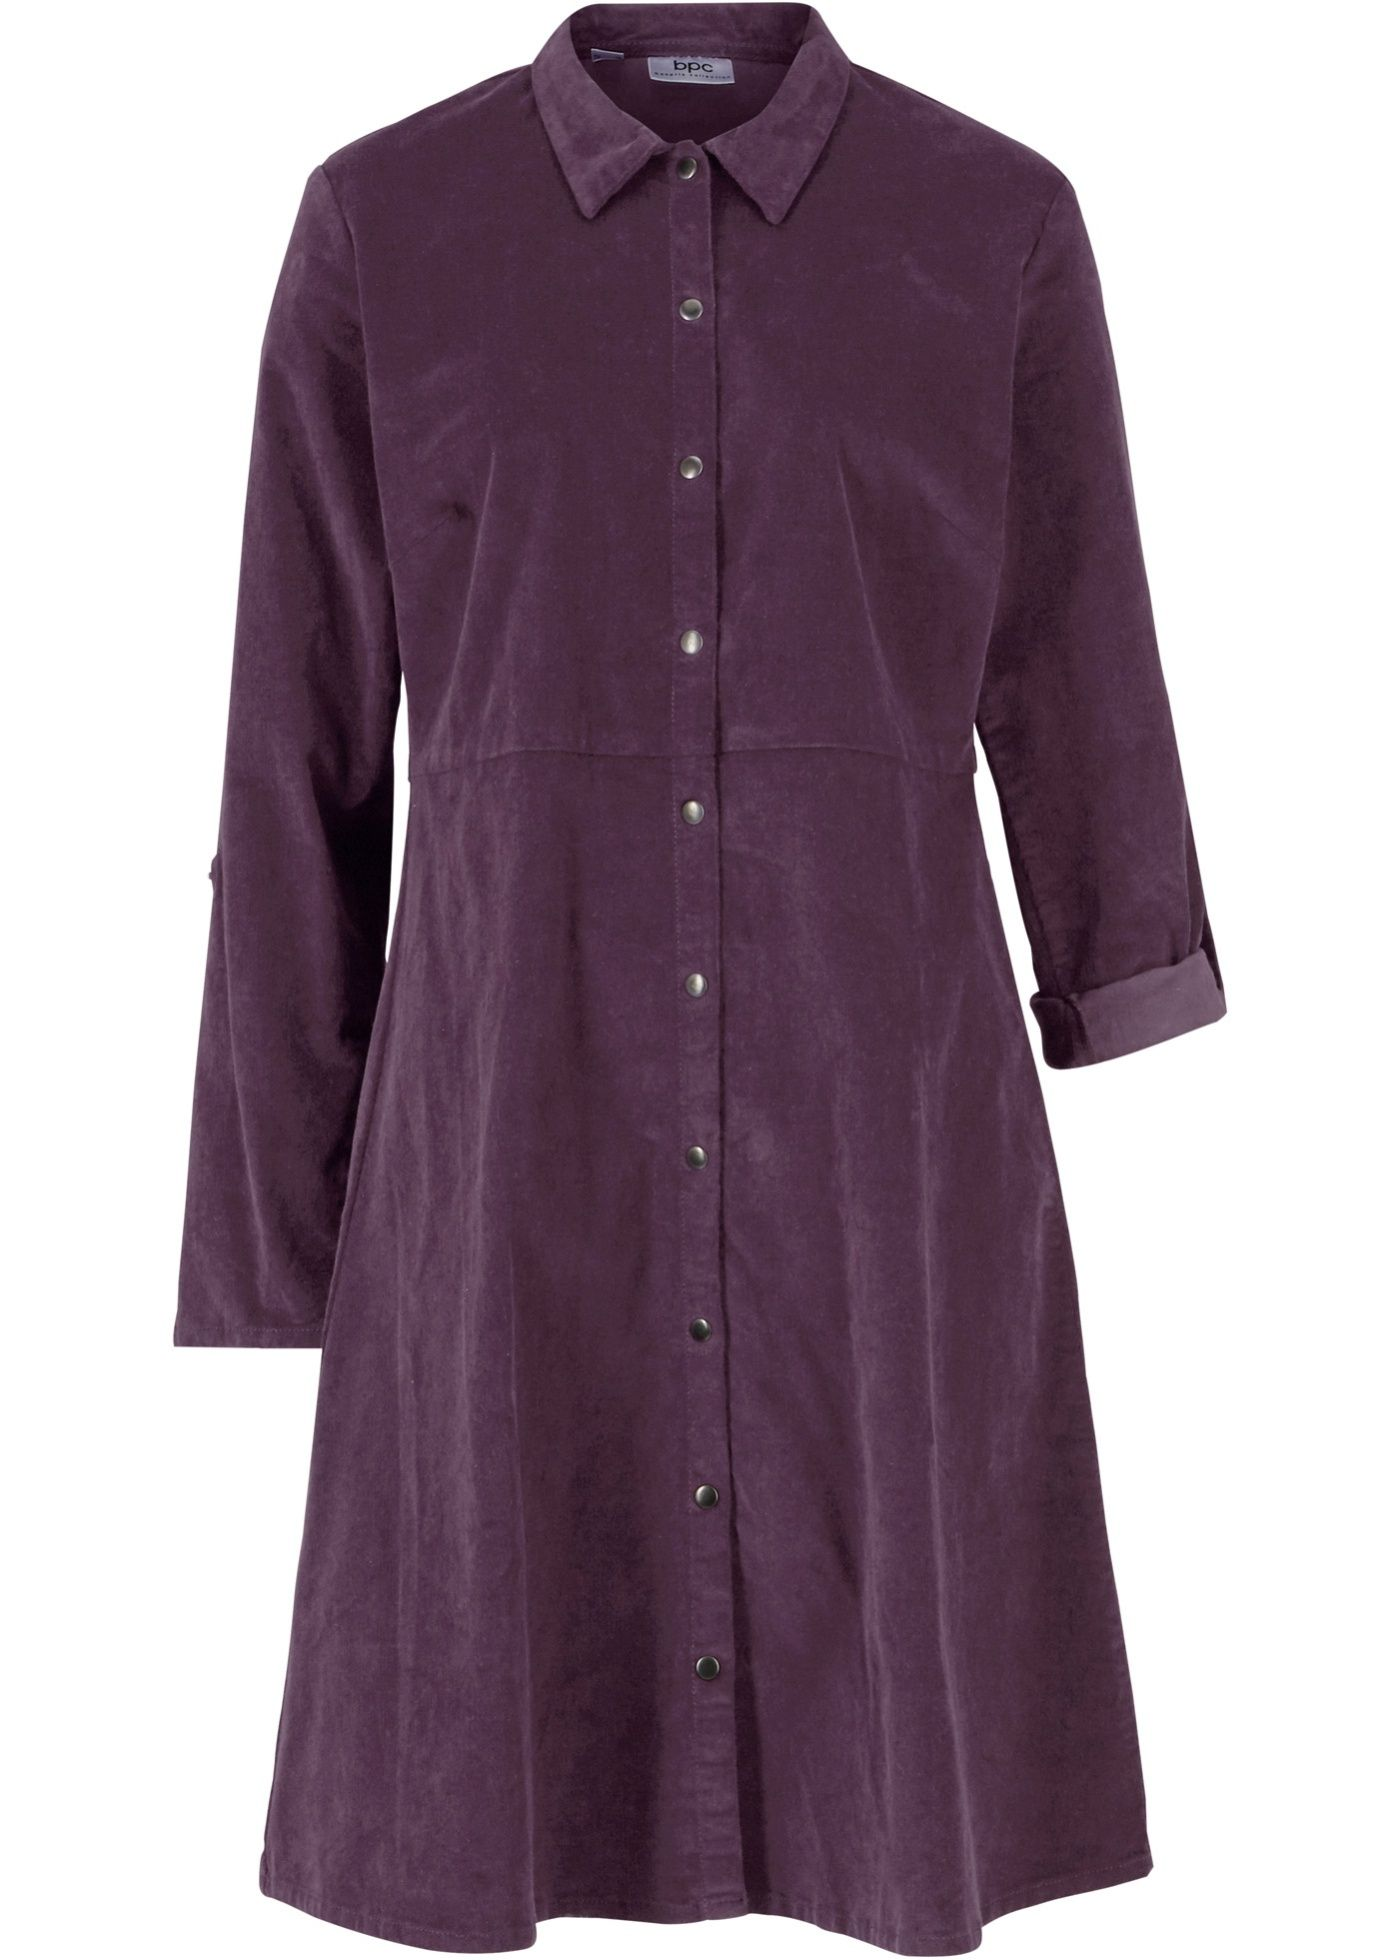 John Baner JEANSWEAR Damen Shirtkleid, bedruckt in blau: Maschinenwaschbar, Länge in Größe 42 ca. 96cm. - Ganzteile von bonprix. Weitere überraschend günstige Ganzteile finden Sie auf bonprix.de.